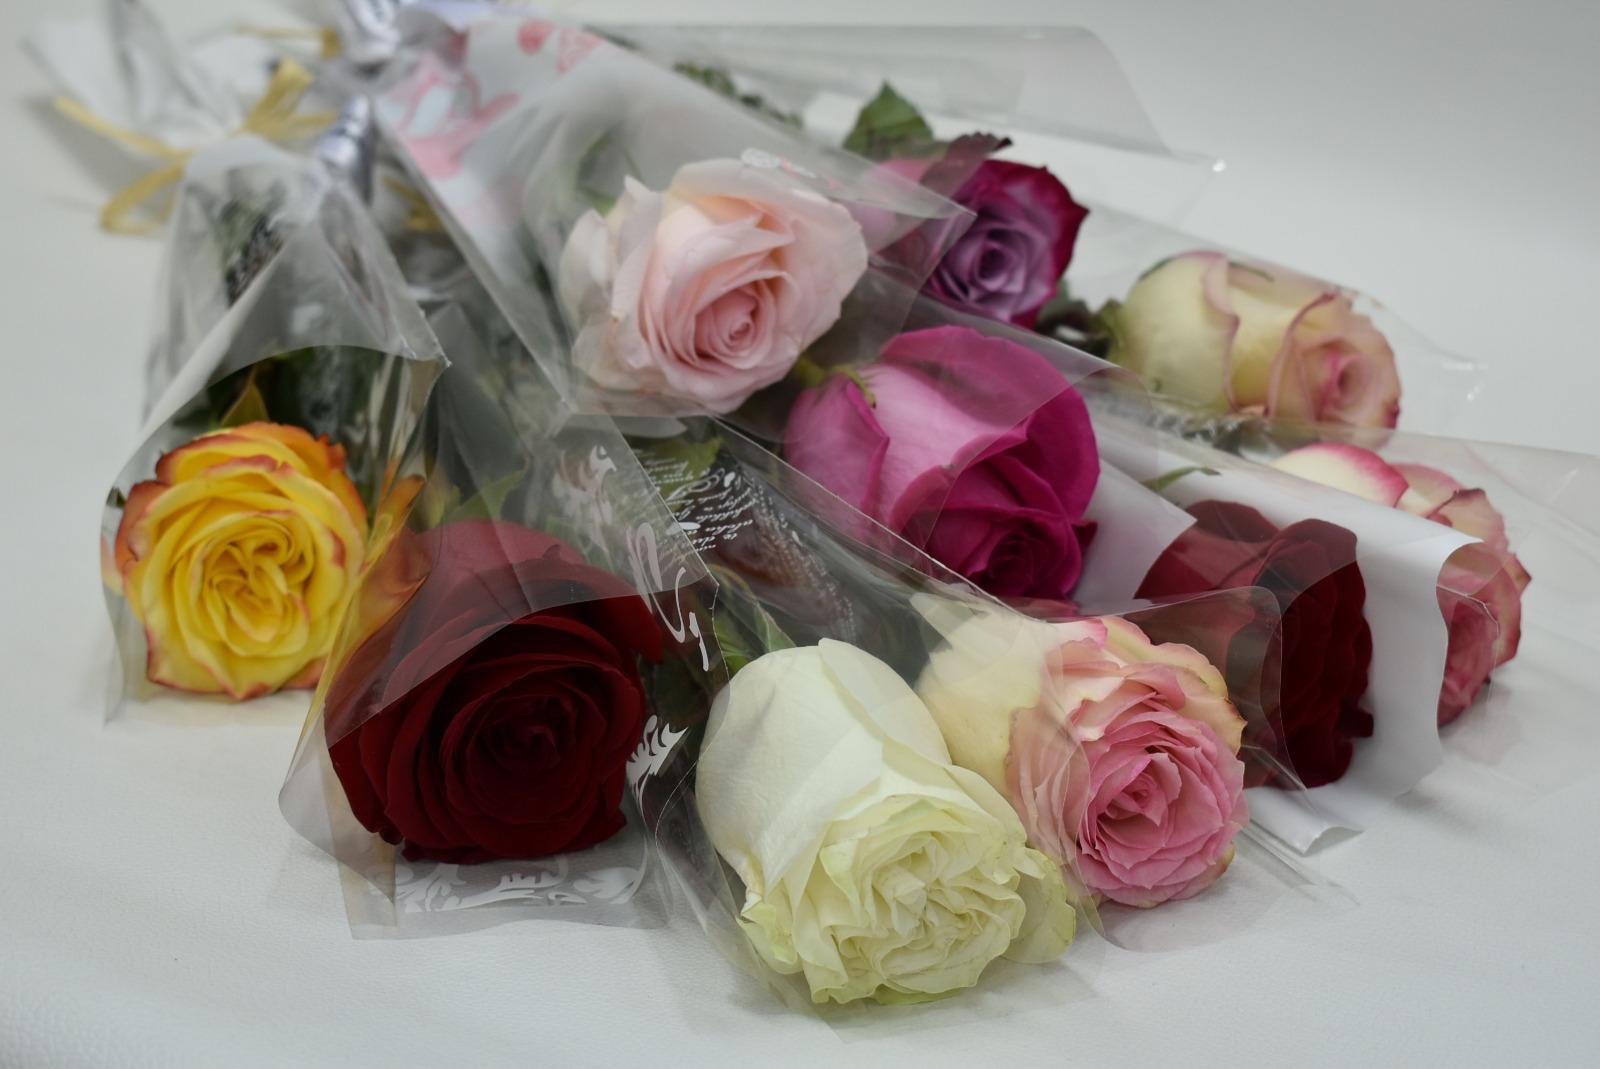 مجموعة من الورد المنوع 'باقة زهور'